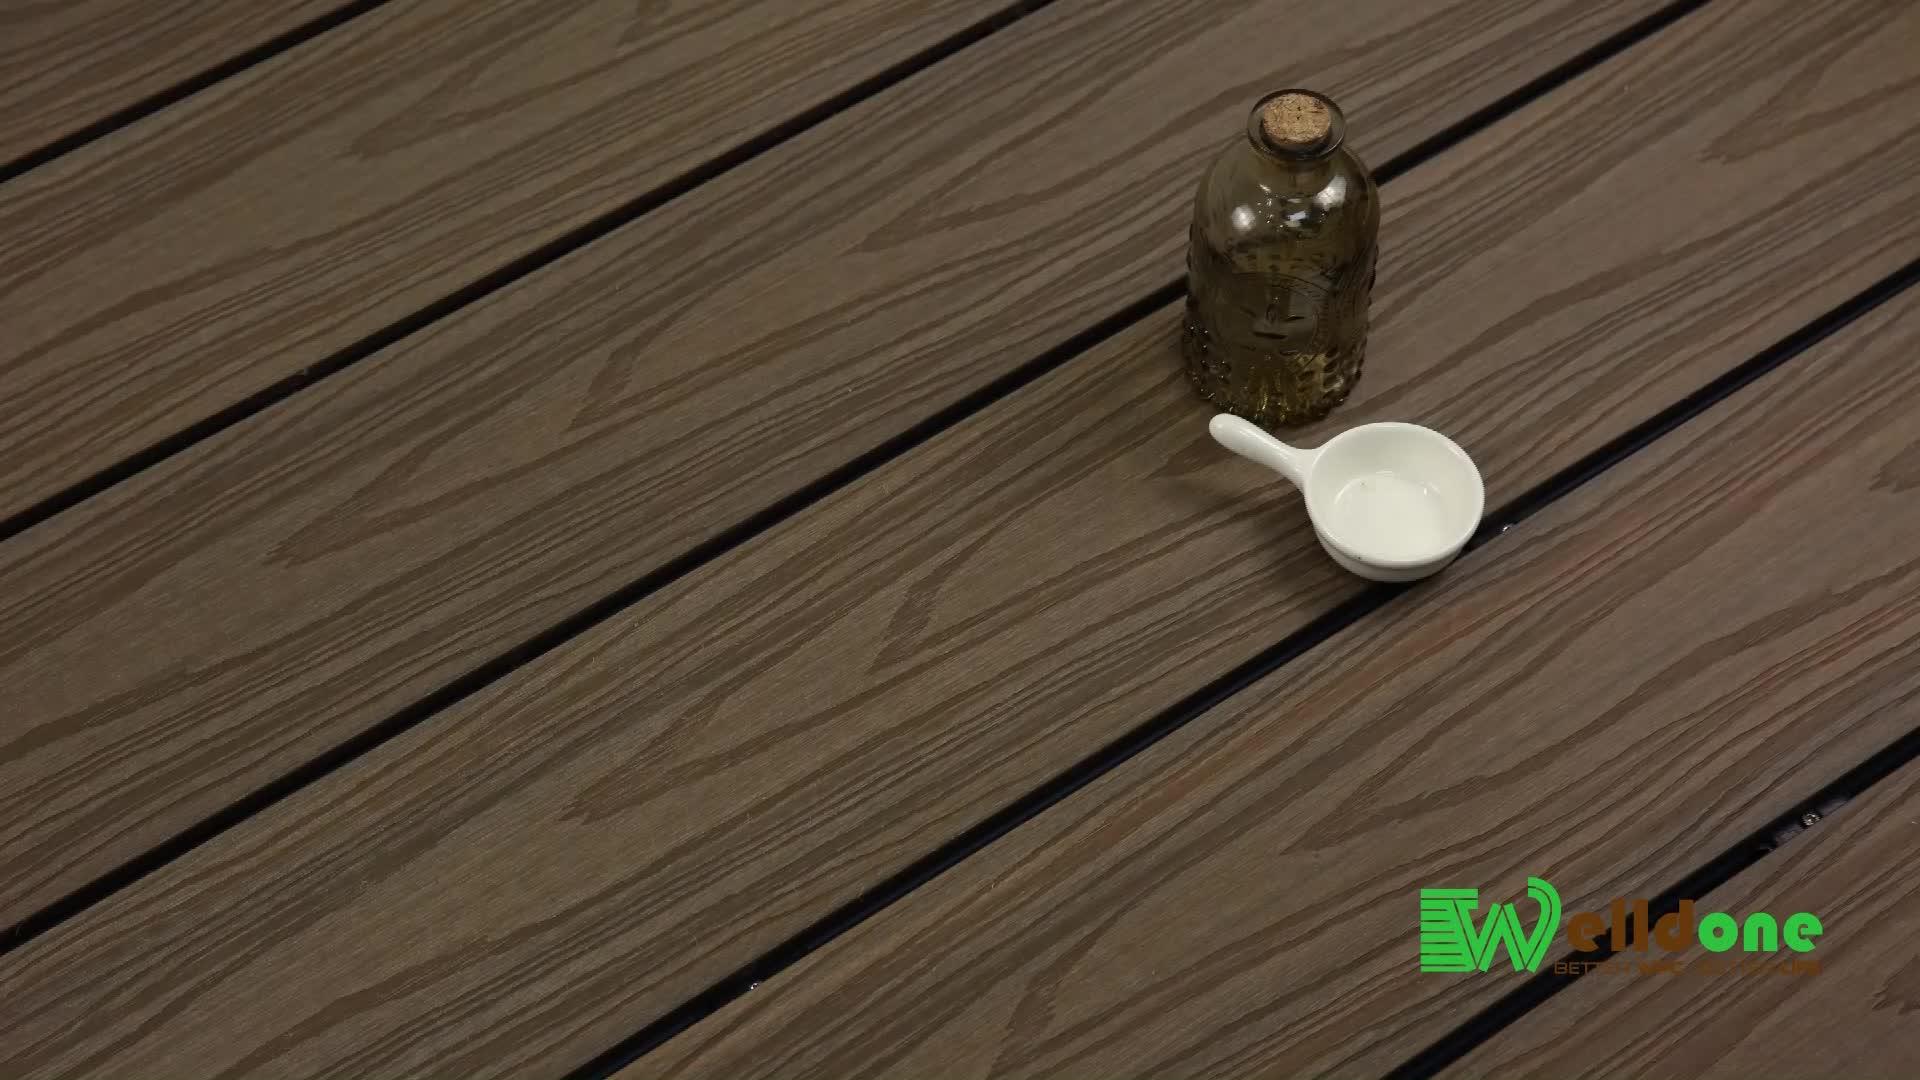 PEAD anti uv grão de madeira cinza claro co-extrusão de wpc decking composto de plástico ao ar livre varanda piso laminado de engenharia